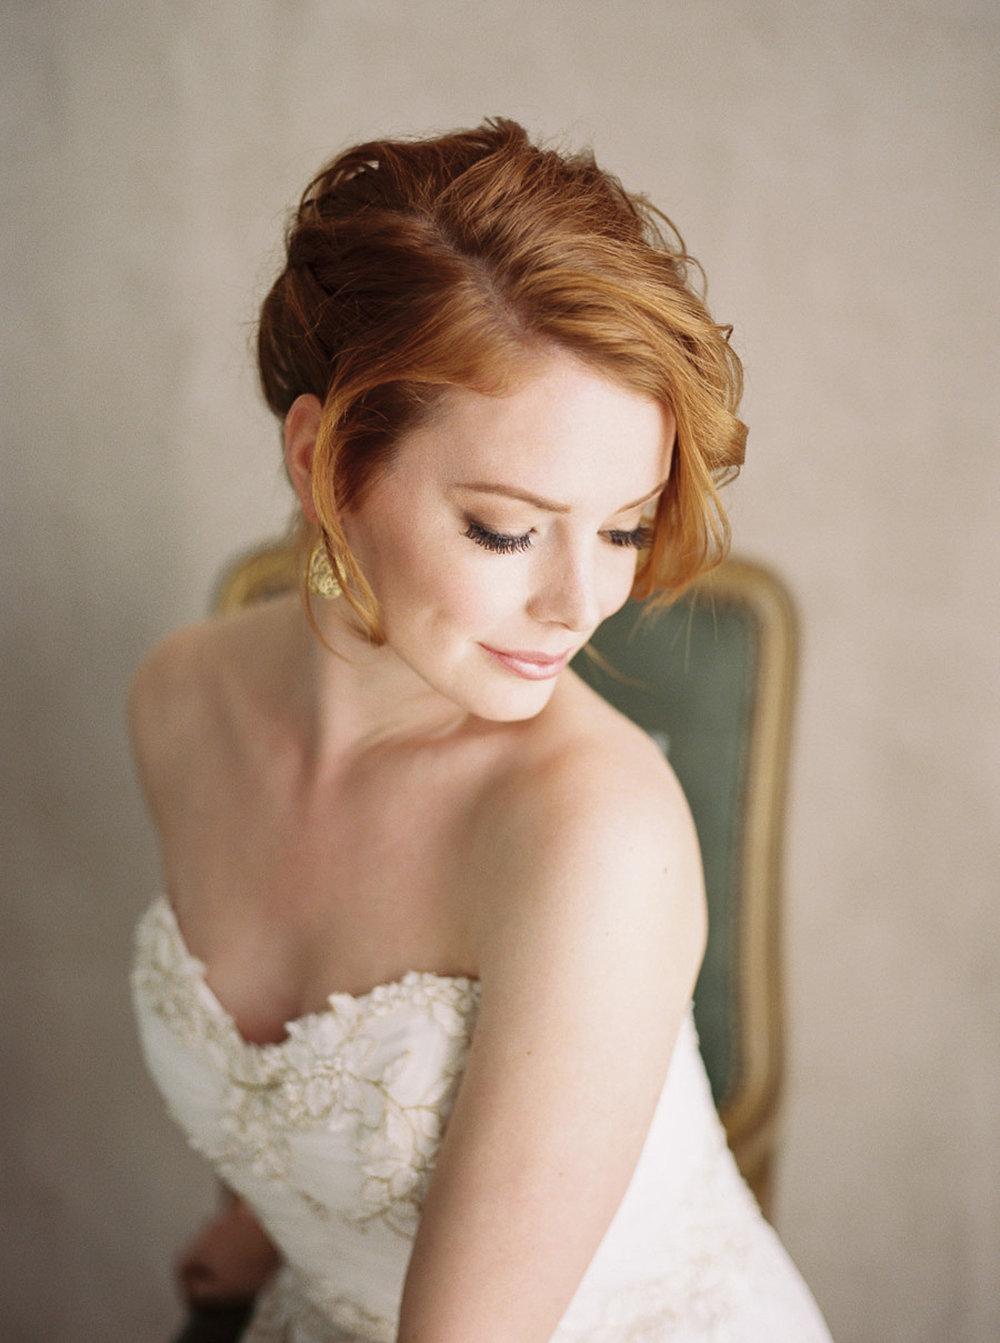 Lara_Lam_Vintage_Heirloom_wedding_photographer_Etablir_shop_vintage_rental24.jpg